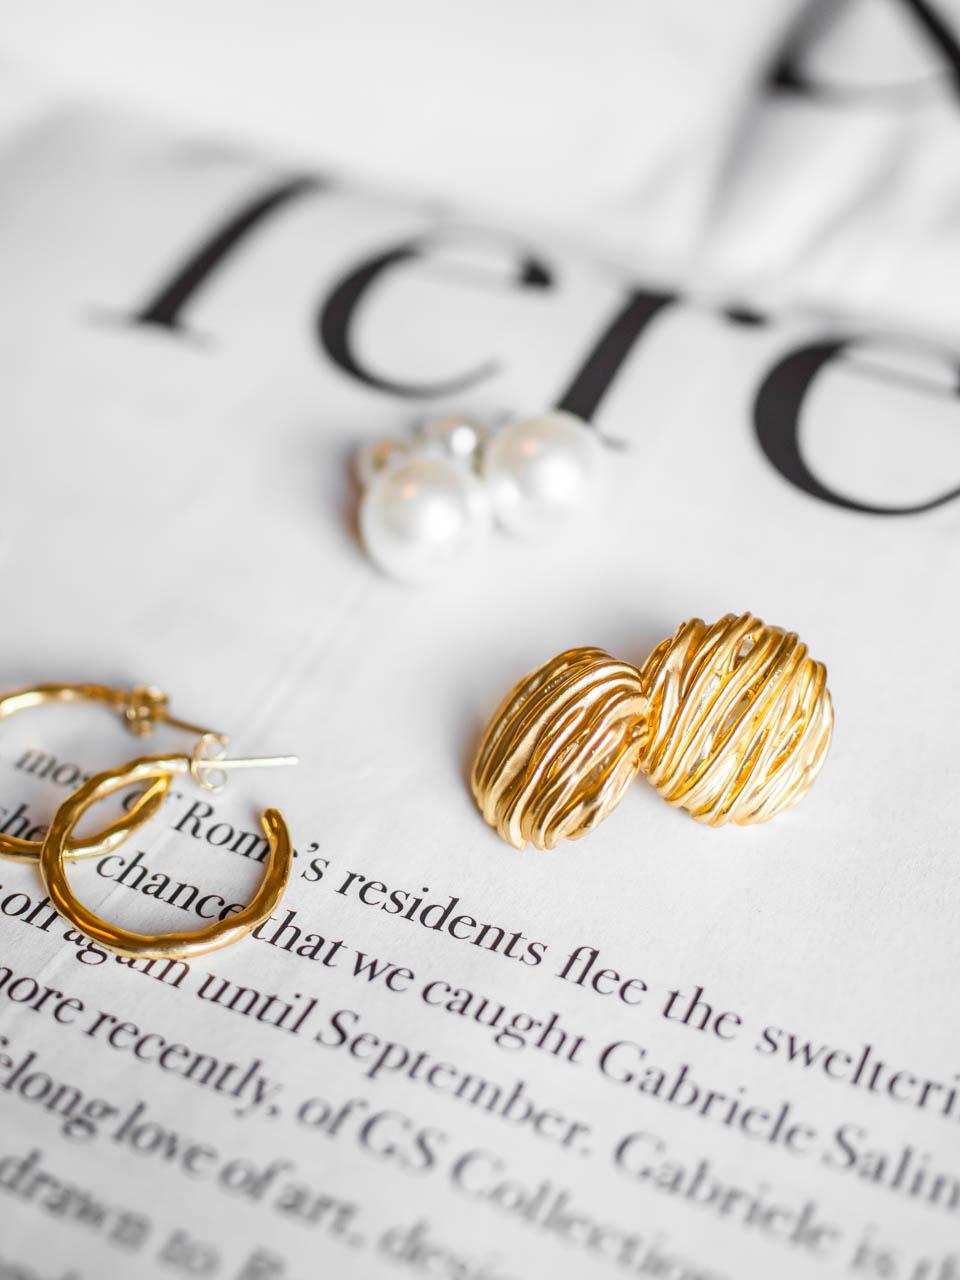 Gold and pearl earrings - Kultaiset korvakorut ja helmikorvakorut